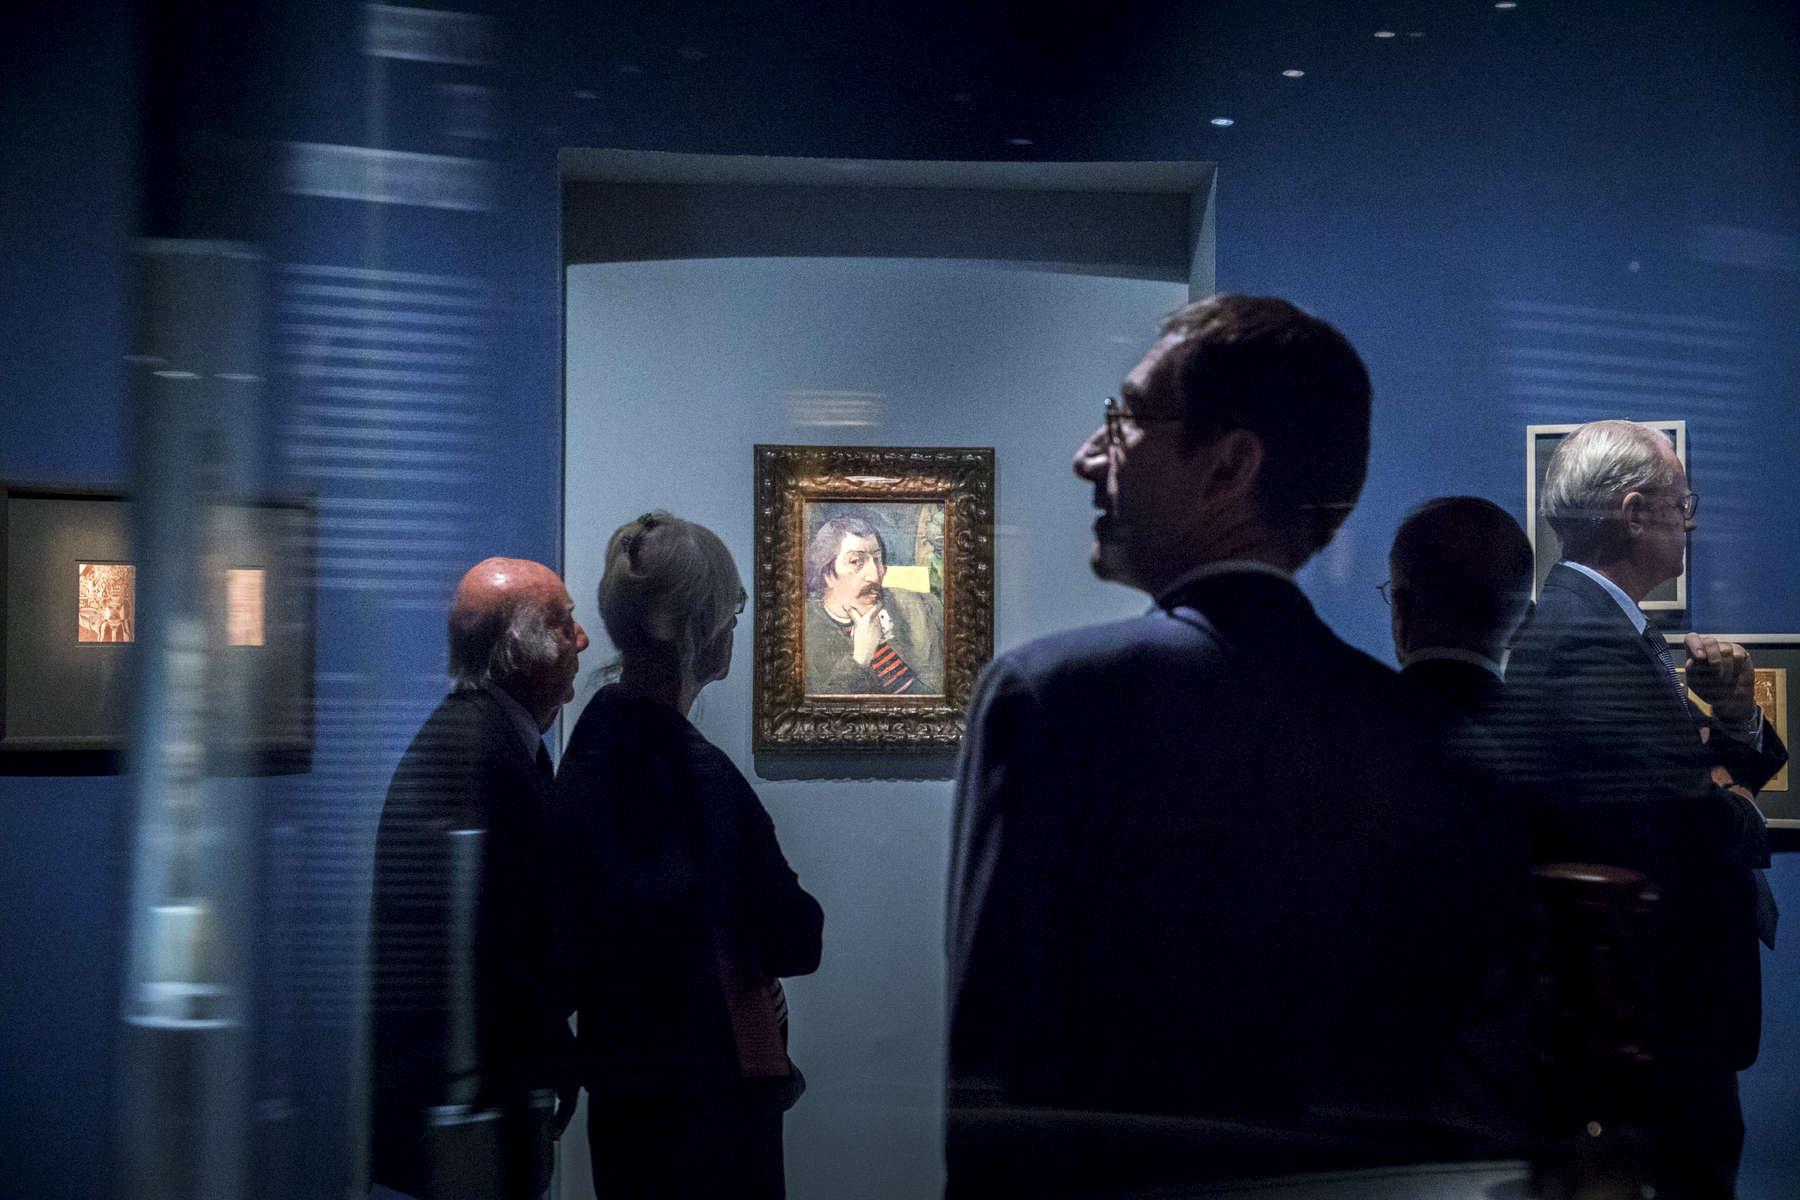 Exposition Gauguin l'Alchimiste au Grand Palais, Paris, France, 2017